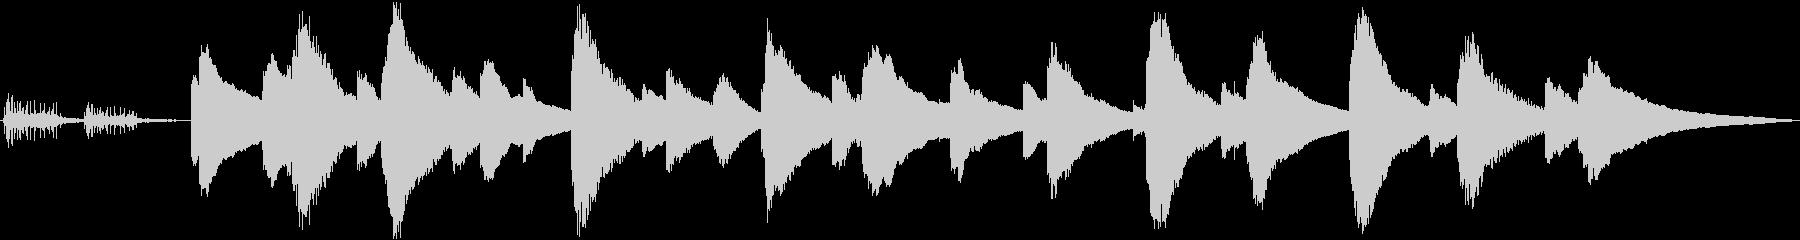 癒し系オルゴール(ねじ巻き音付き)の未再生の波形